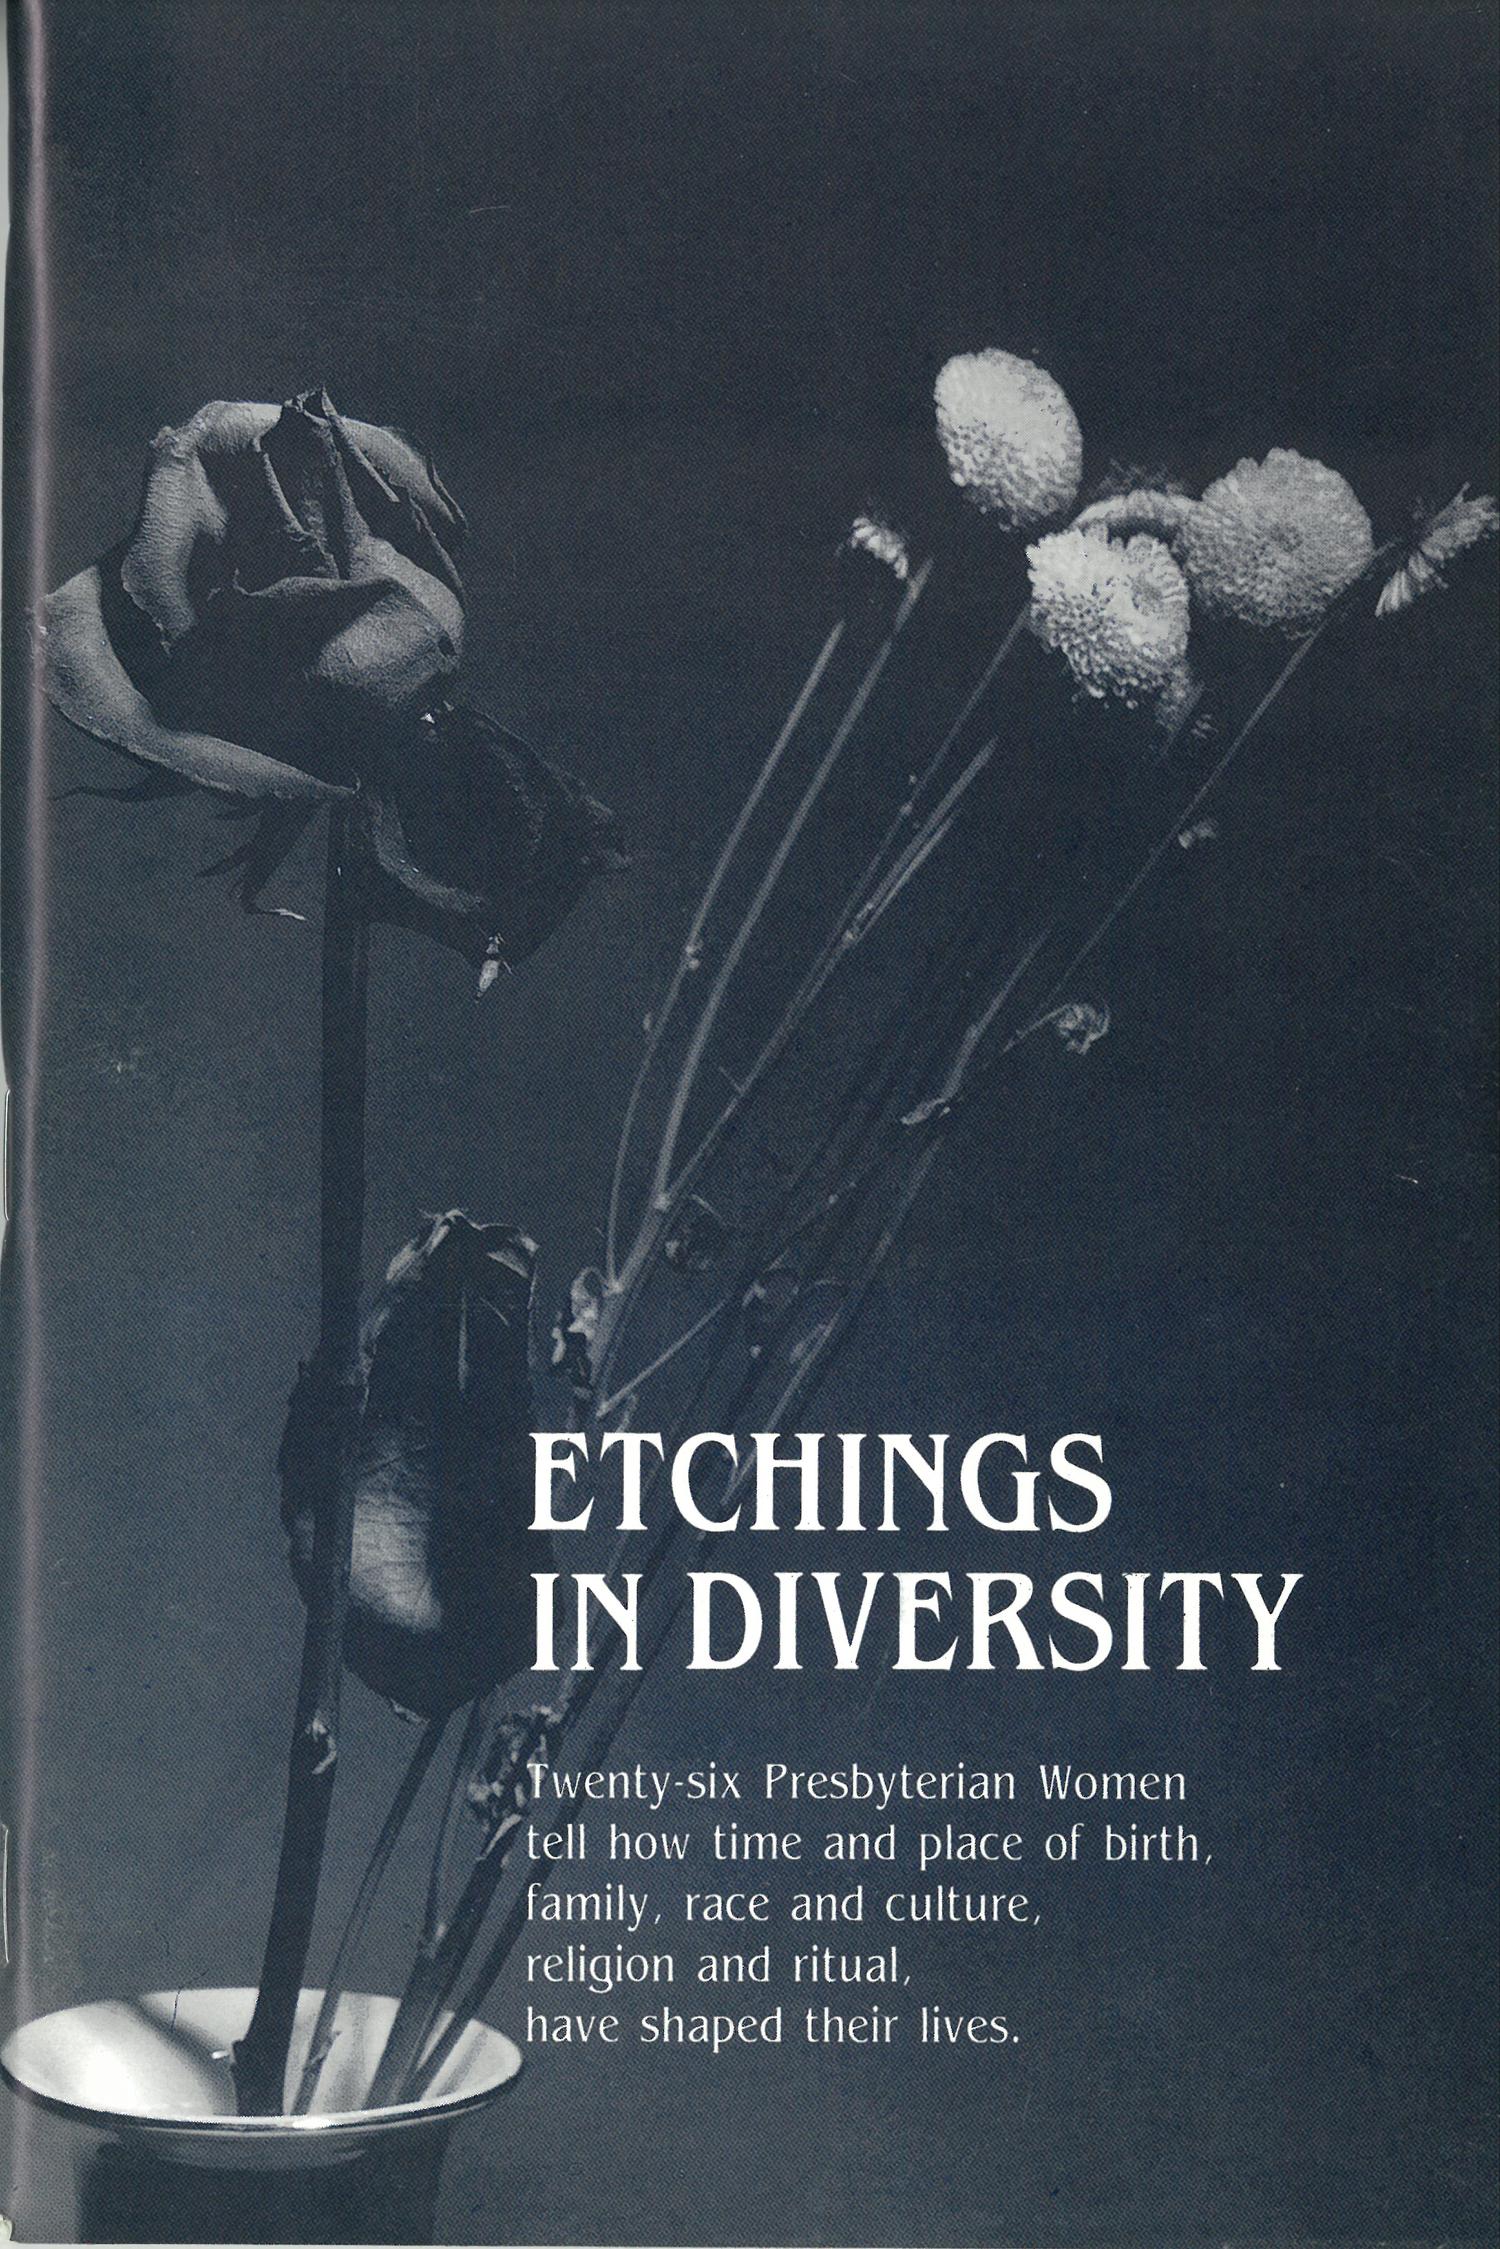 Etchings in Diversity